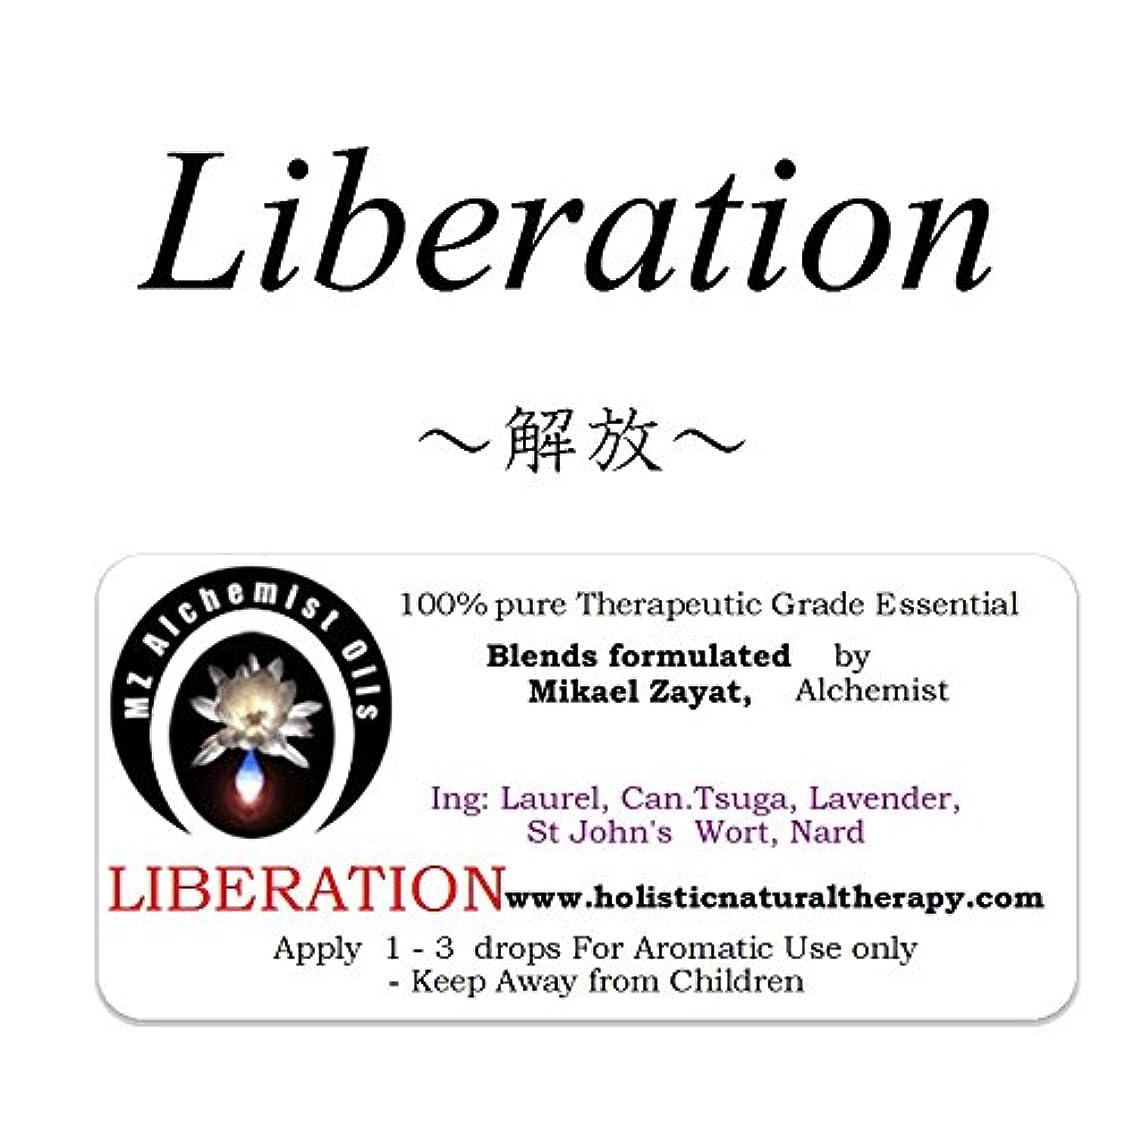 ディスコ規定新しさミカエル?ザヤットアルケミストオイル セラピストグレードアロマオイル Liberation-リベレーション(解放)- 4ml